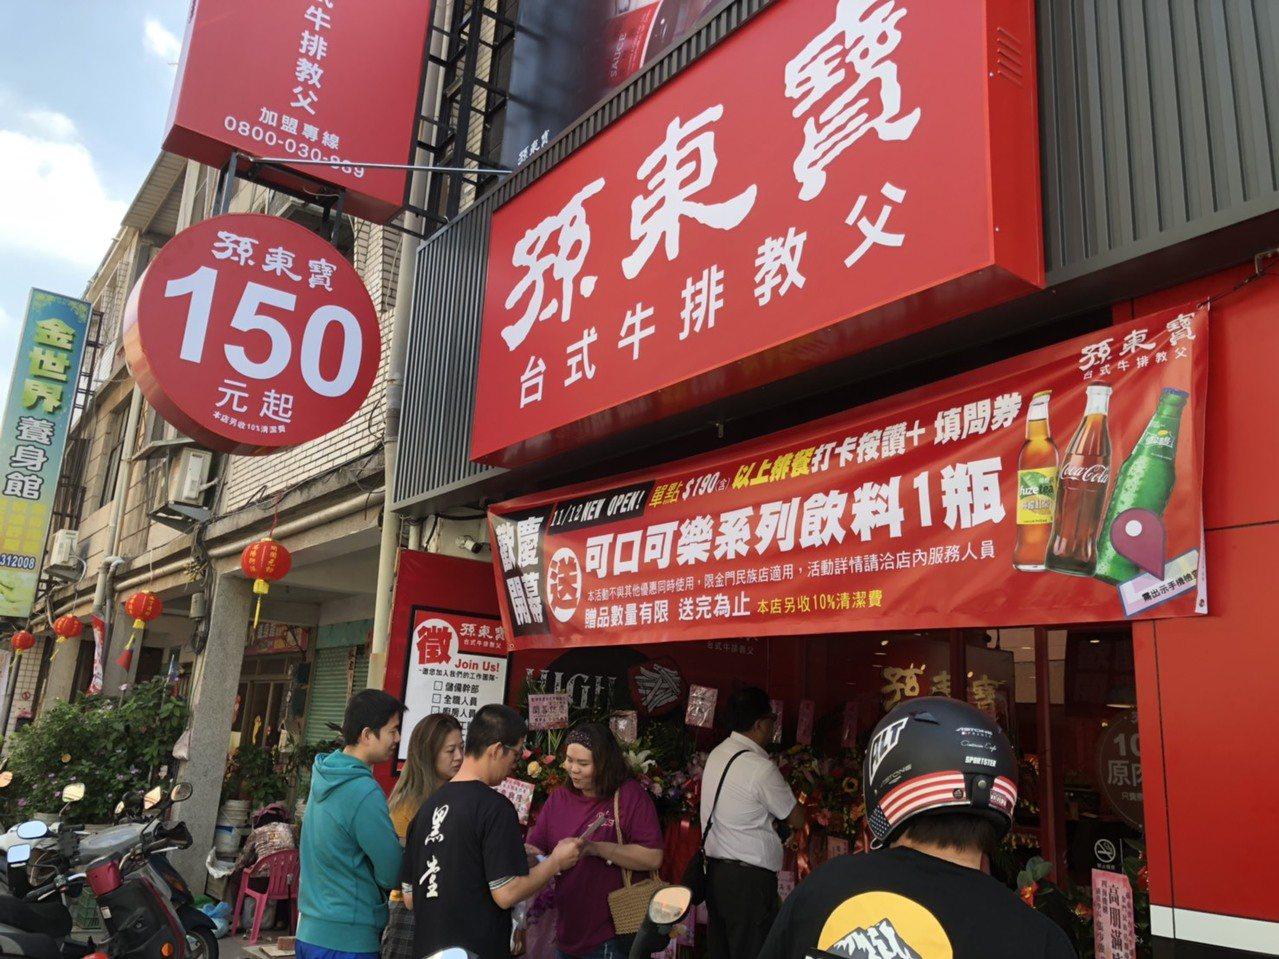 老字號的台式牛排始祖孫東寶金門店今天正式開幕,是離島第一家分店,不少消費者慕名到...